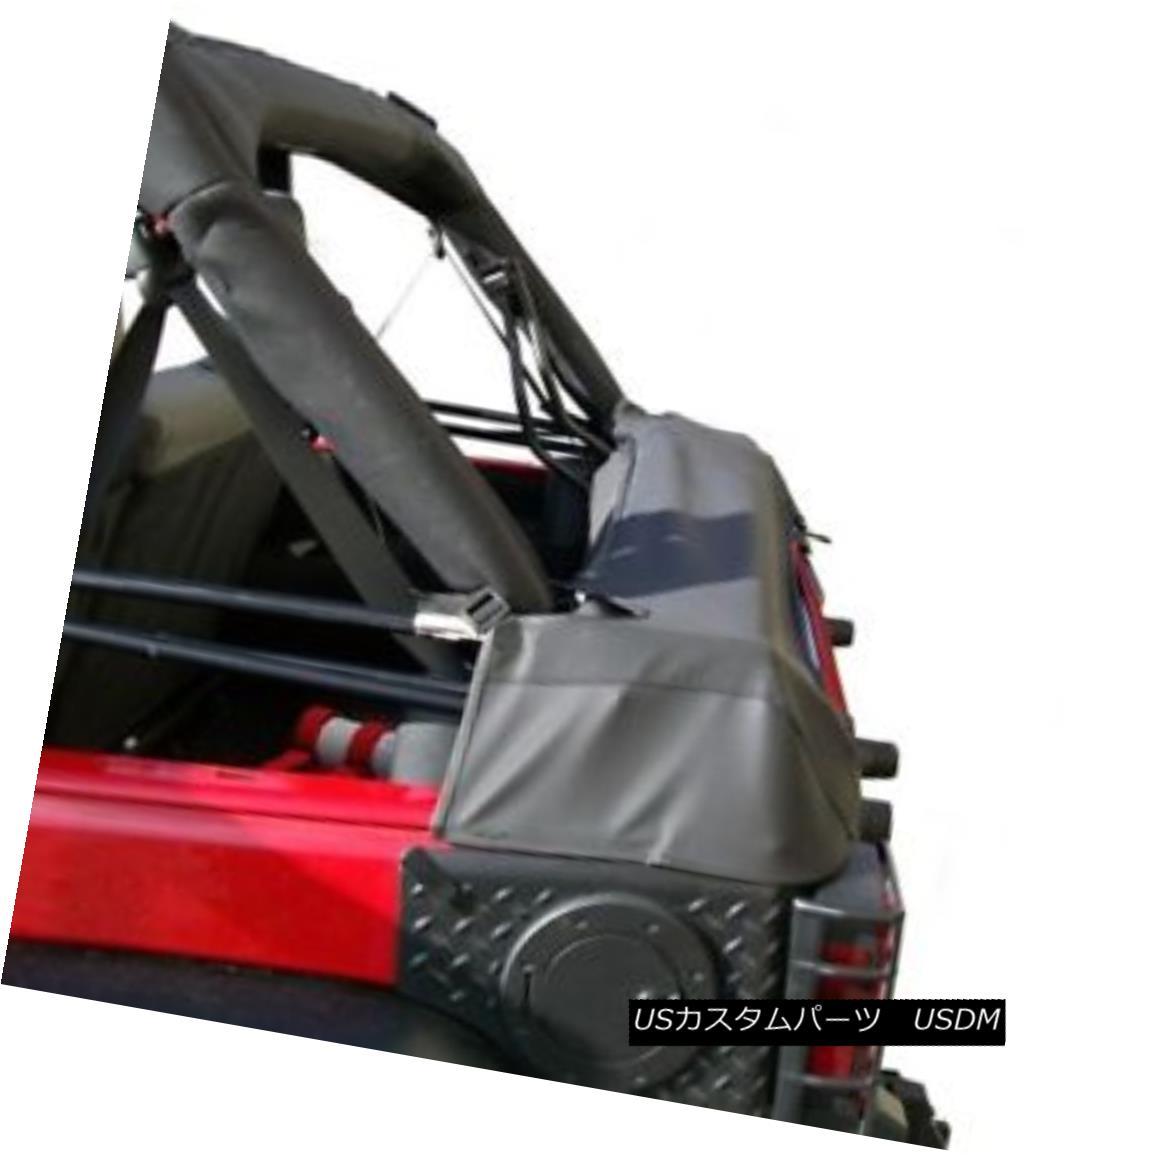 幌・ソフトトップ Soft Top Storage Boot, Black Diamond; 07-18 Jeep Wrangler JK 4-Door ソフトトップストレージブート、ブラックダイヤモンド; 07-18ジープラングラーJK 4ドア